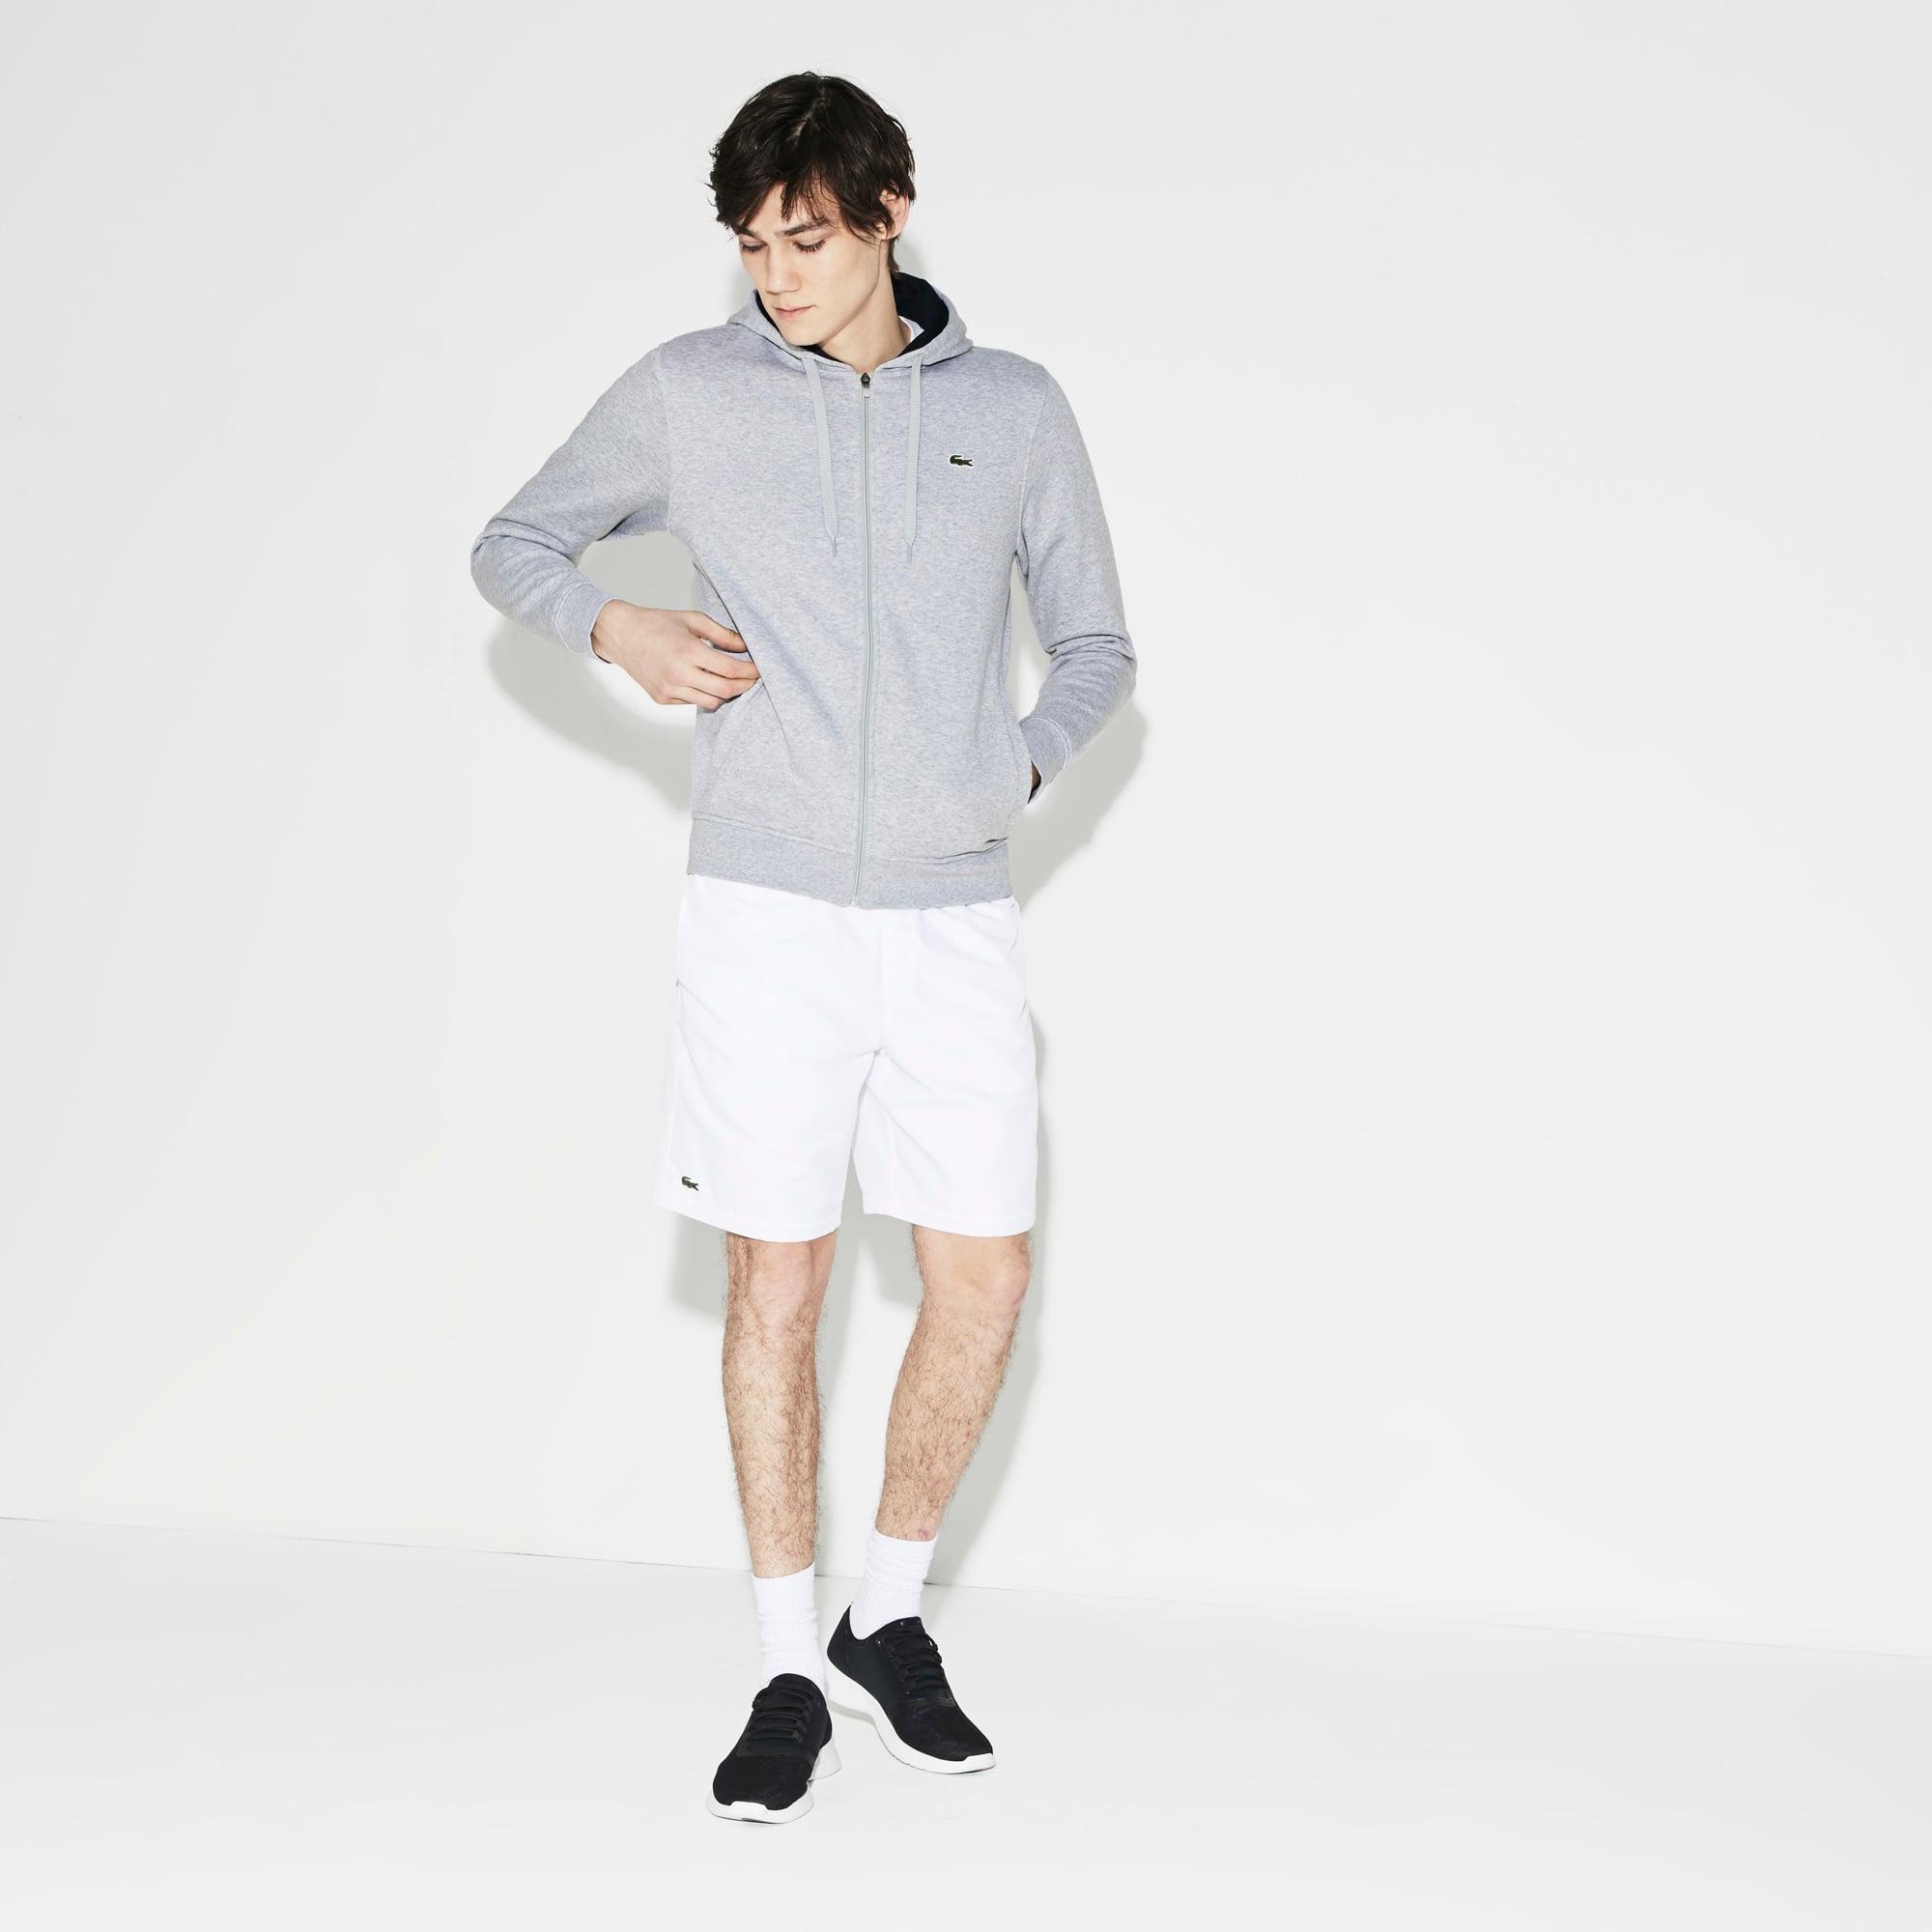 Men's SPORT Tennis hooded zippered sweatshirt in fleece